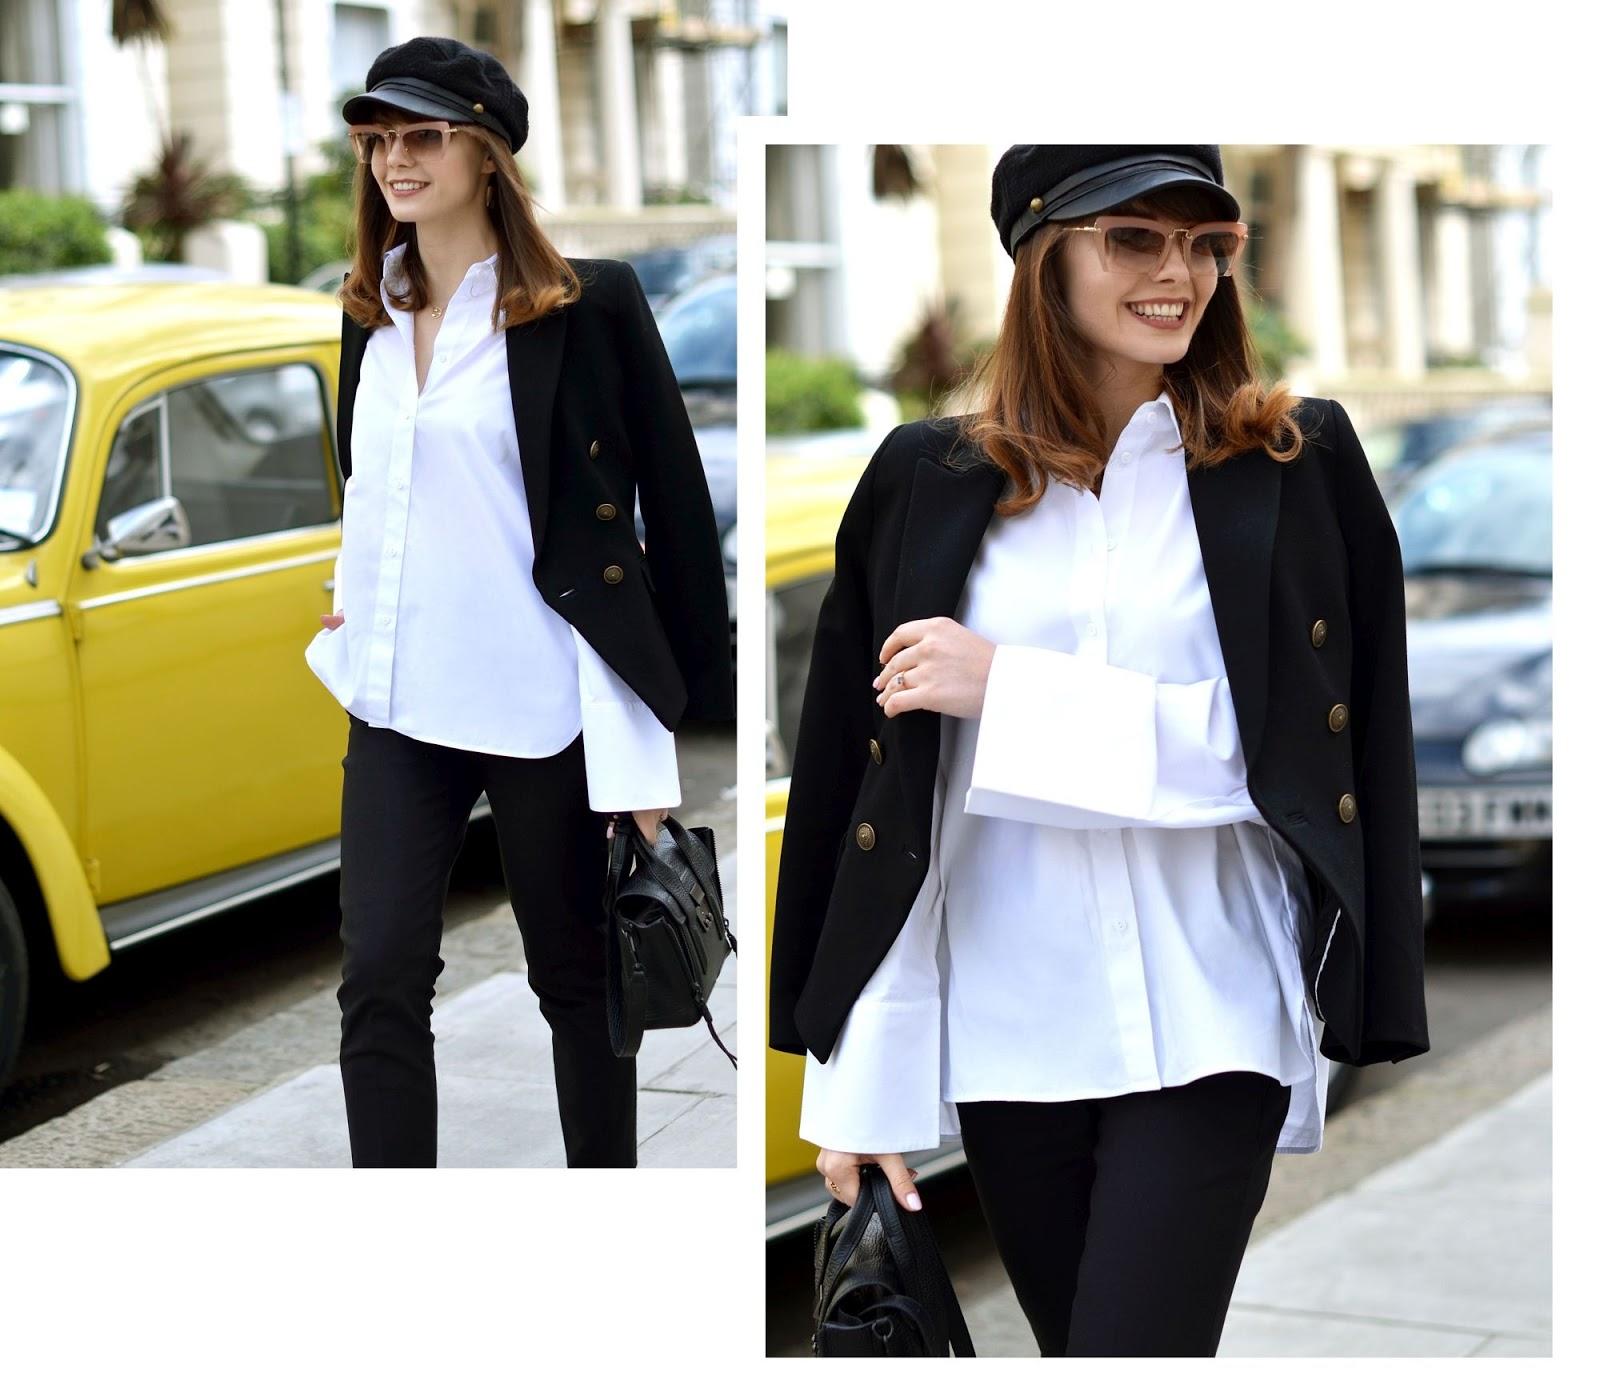 moda | torba phillip lim | czern i biel | kamila mraz | cammy |